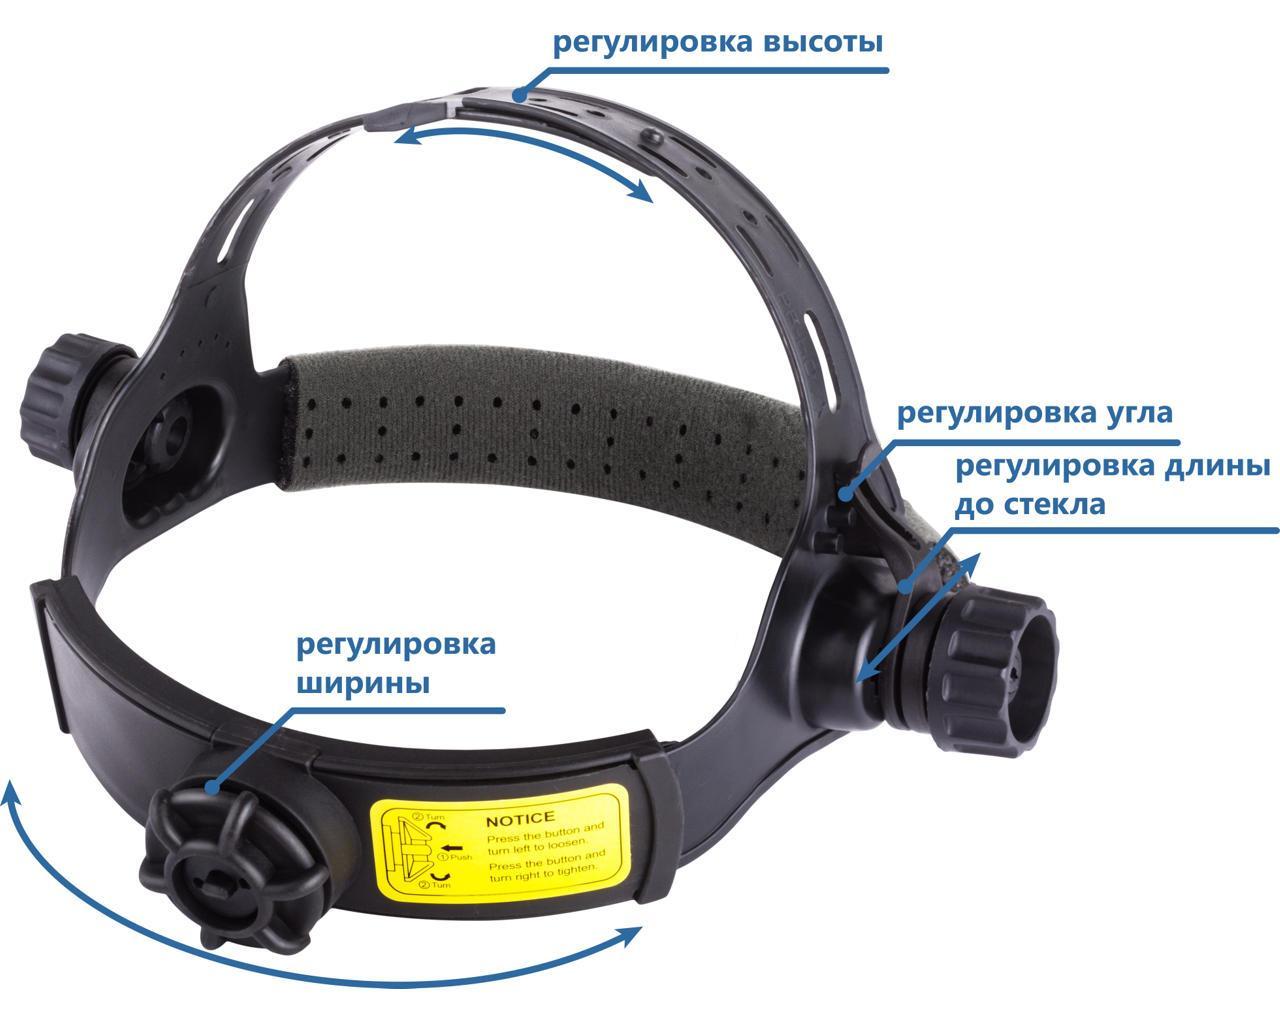 Наголовник для масок Evolution (WH4001), Evolution Hybrid LED (WH4404), 7401, Apache Rapid Crystals (WH8512)